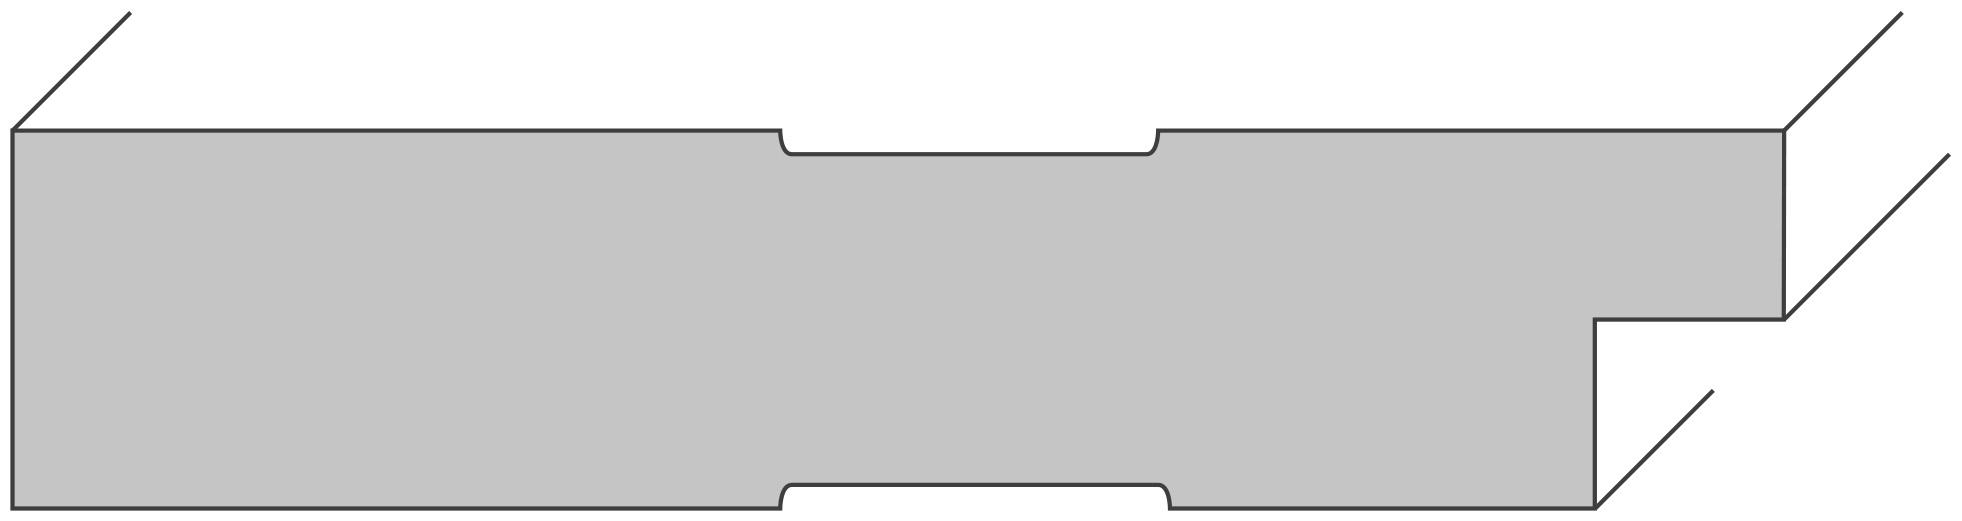 Zimmertür weißlack  Zimmertür Weißlack 25-5 Verglasung M | woodi24